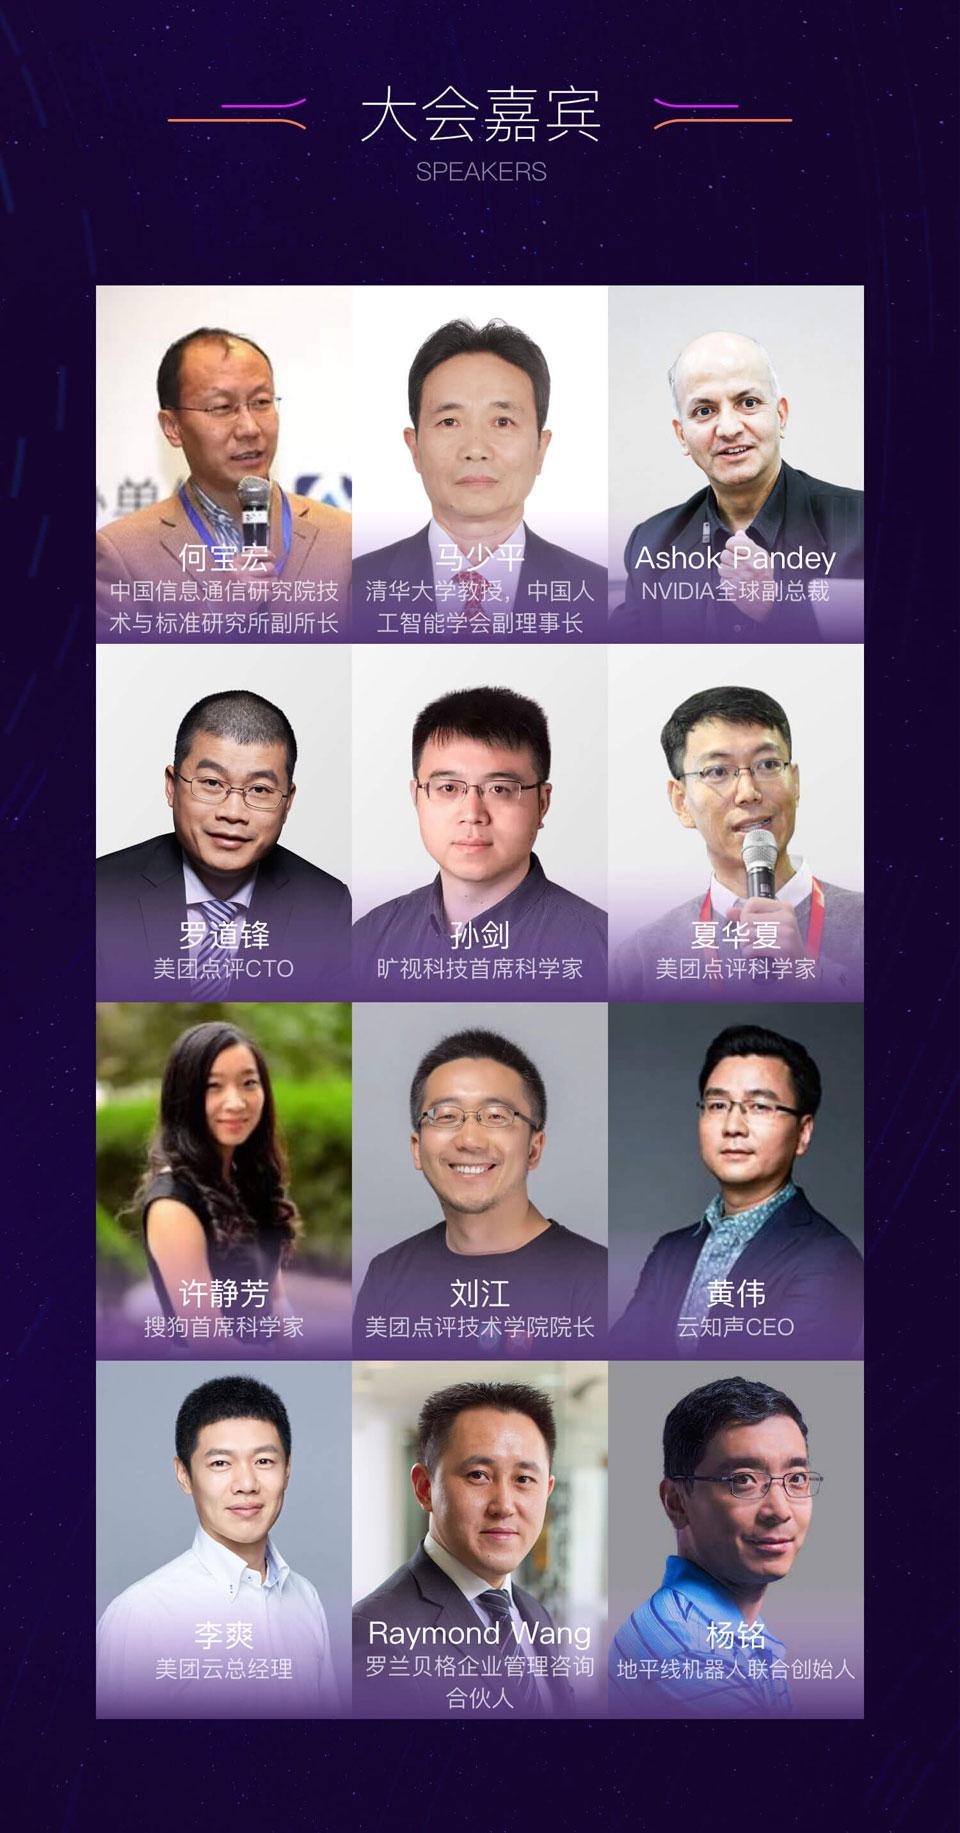 赋能AI 共生共赢 美团云人工智能峰会